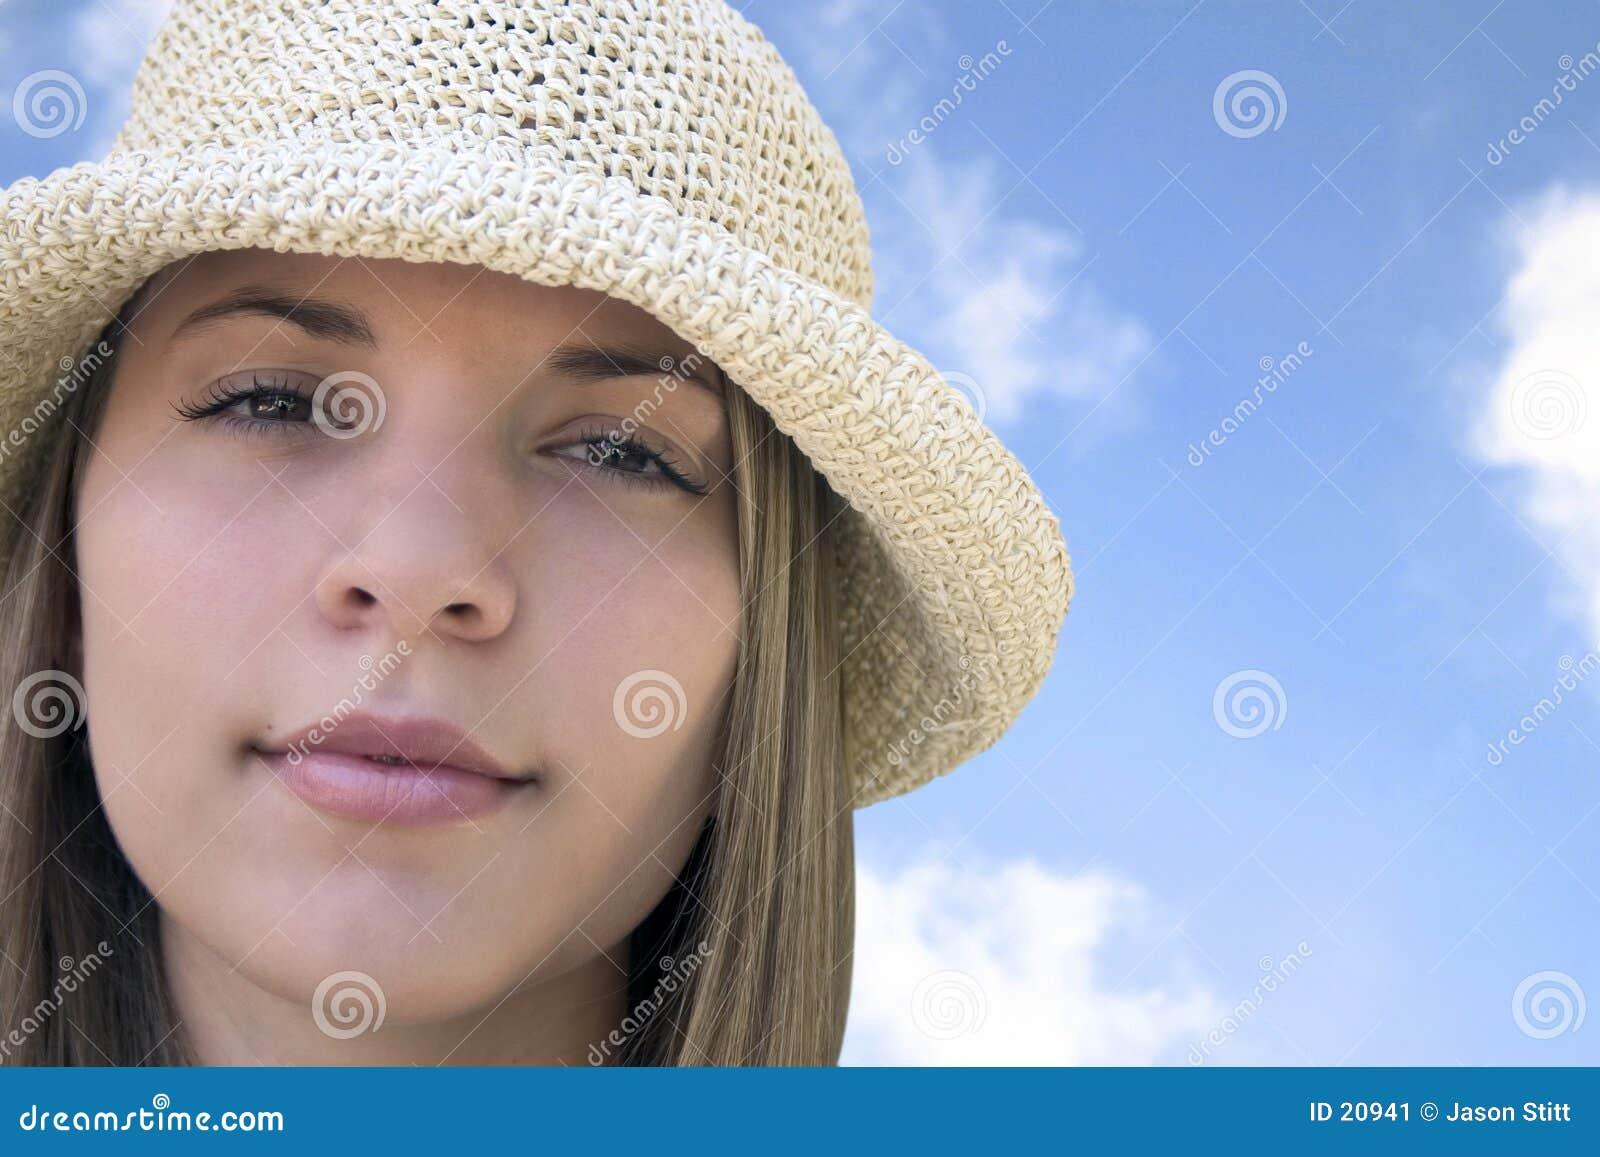 Beautiful Hat Woman